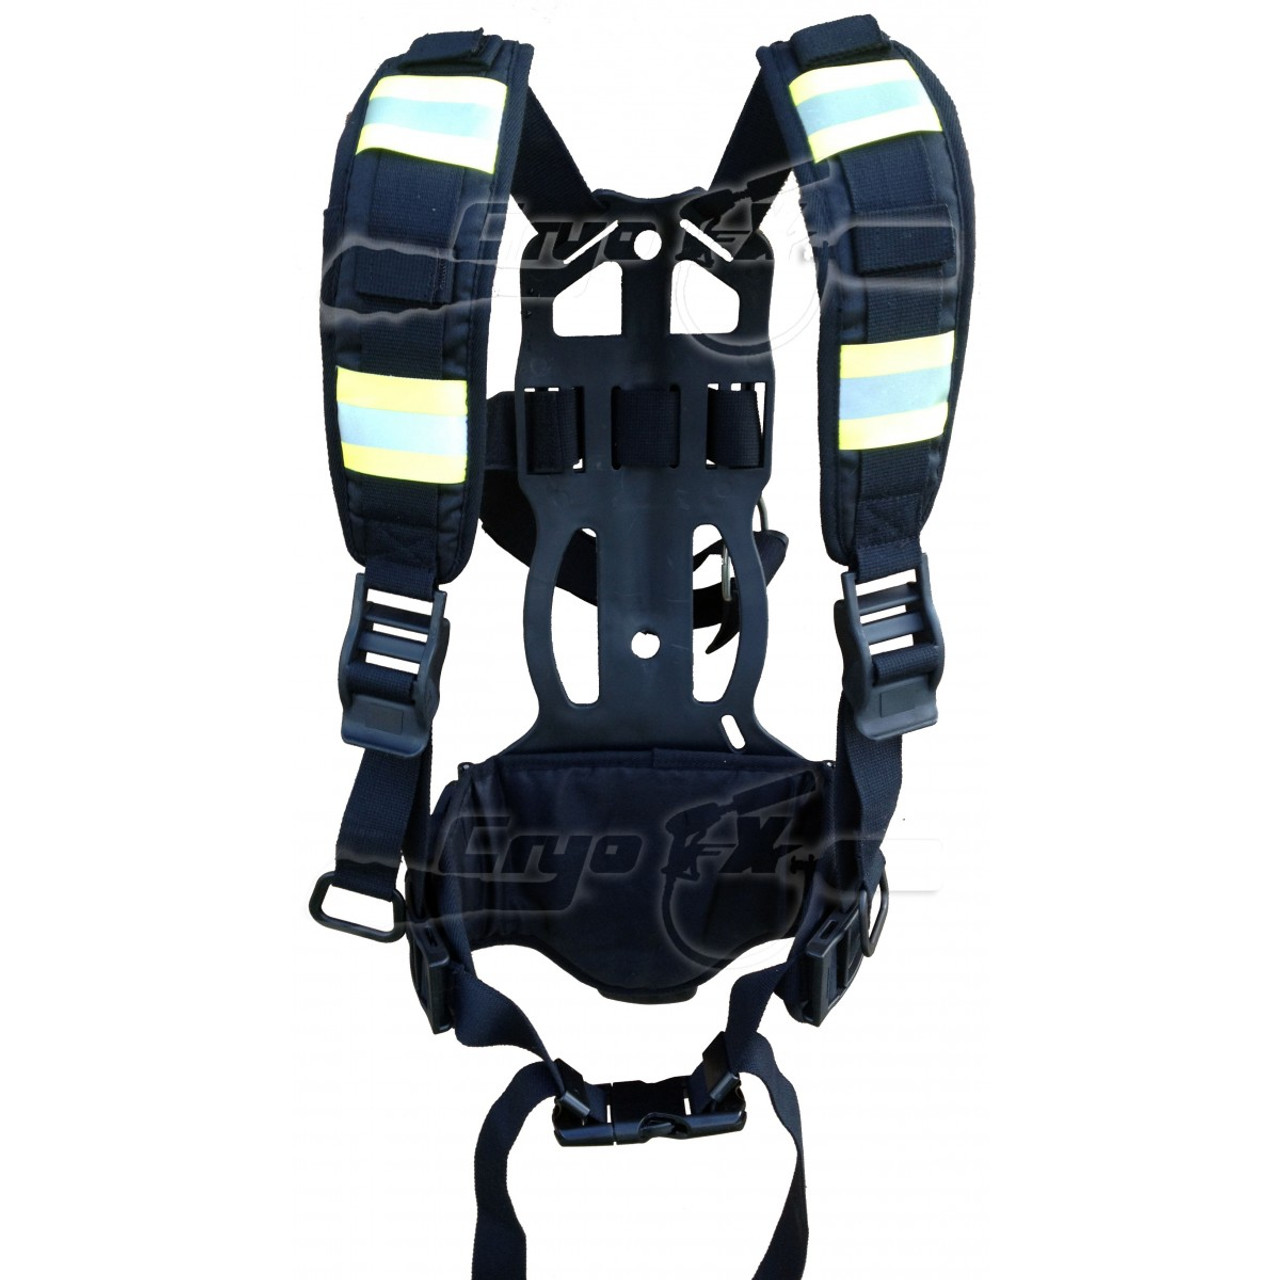 co2,cryo,tank,back pack,backpack